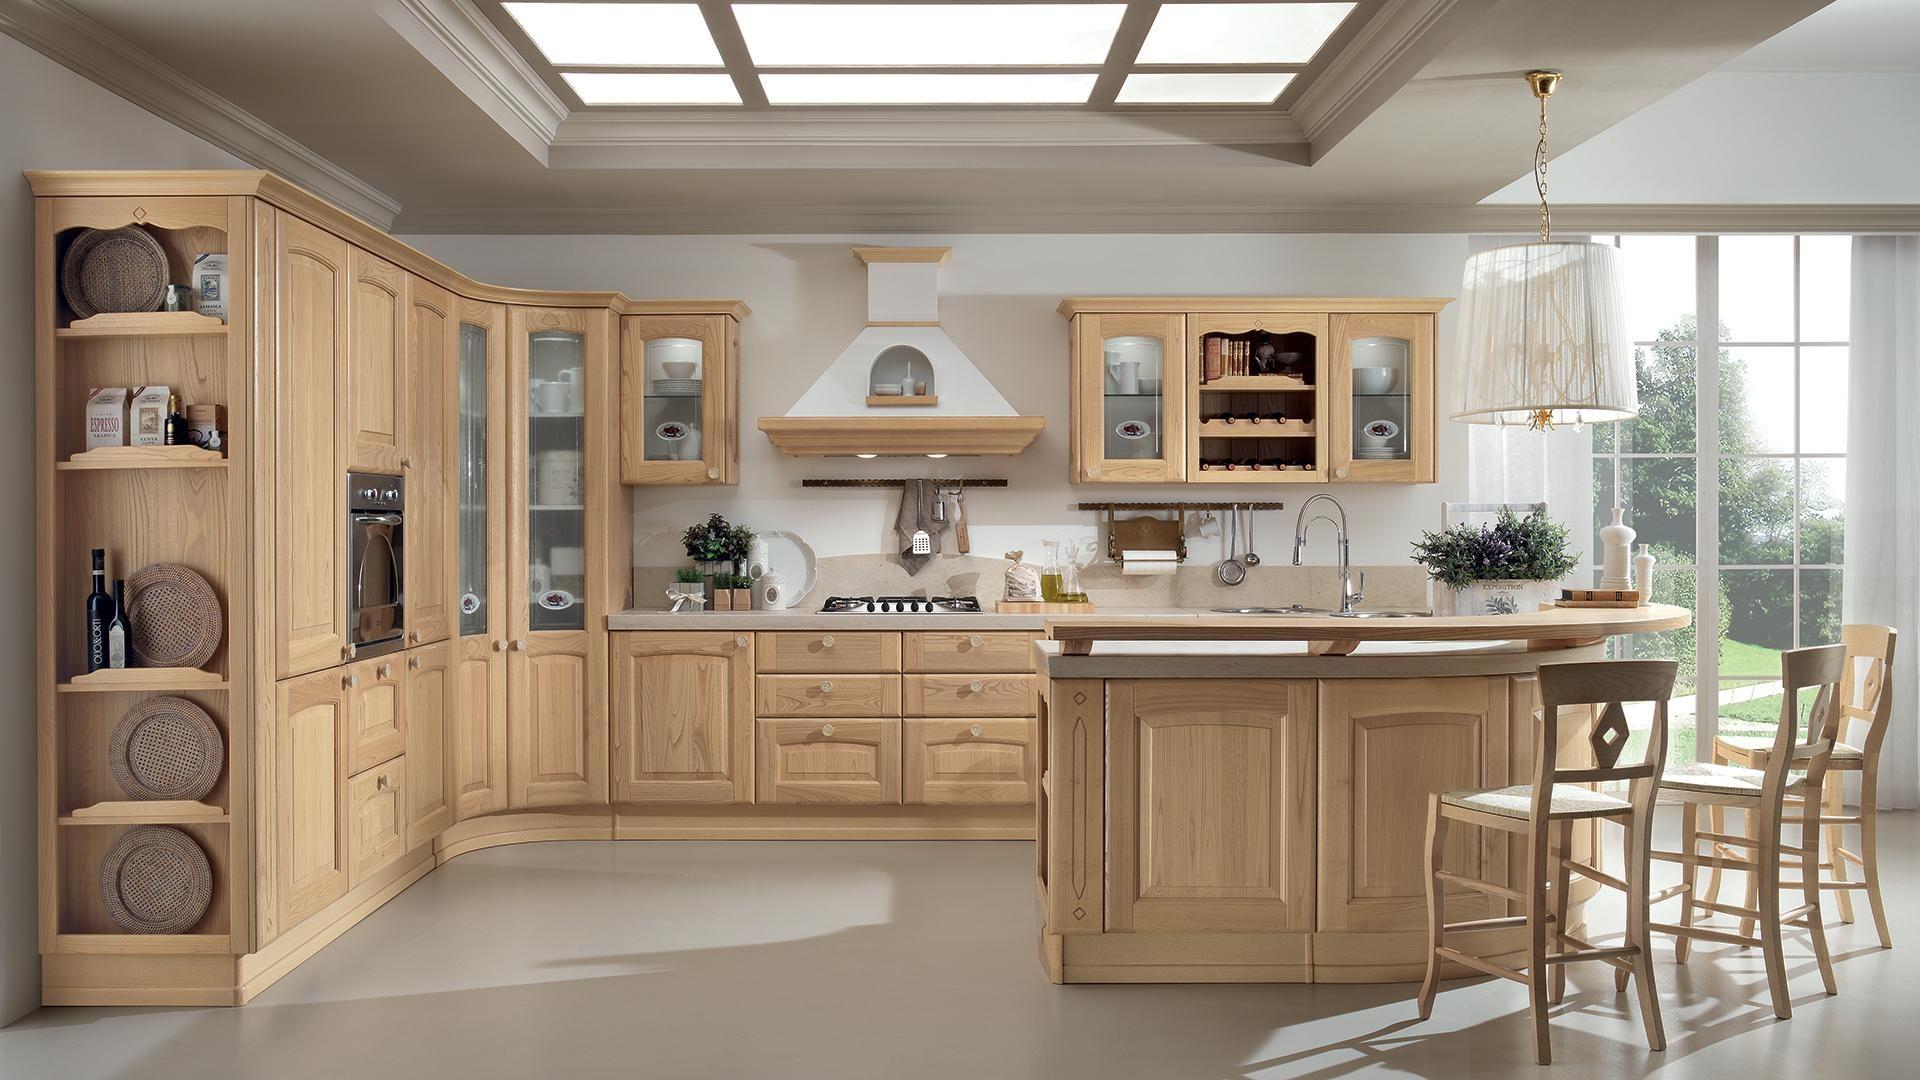 Veronica - Cucine Classiche - Cucine Lube | cucina lube Veronica nel ...